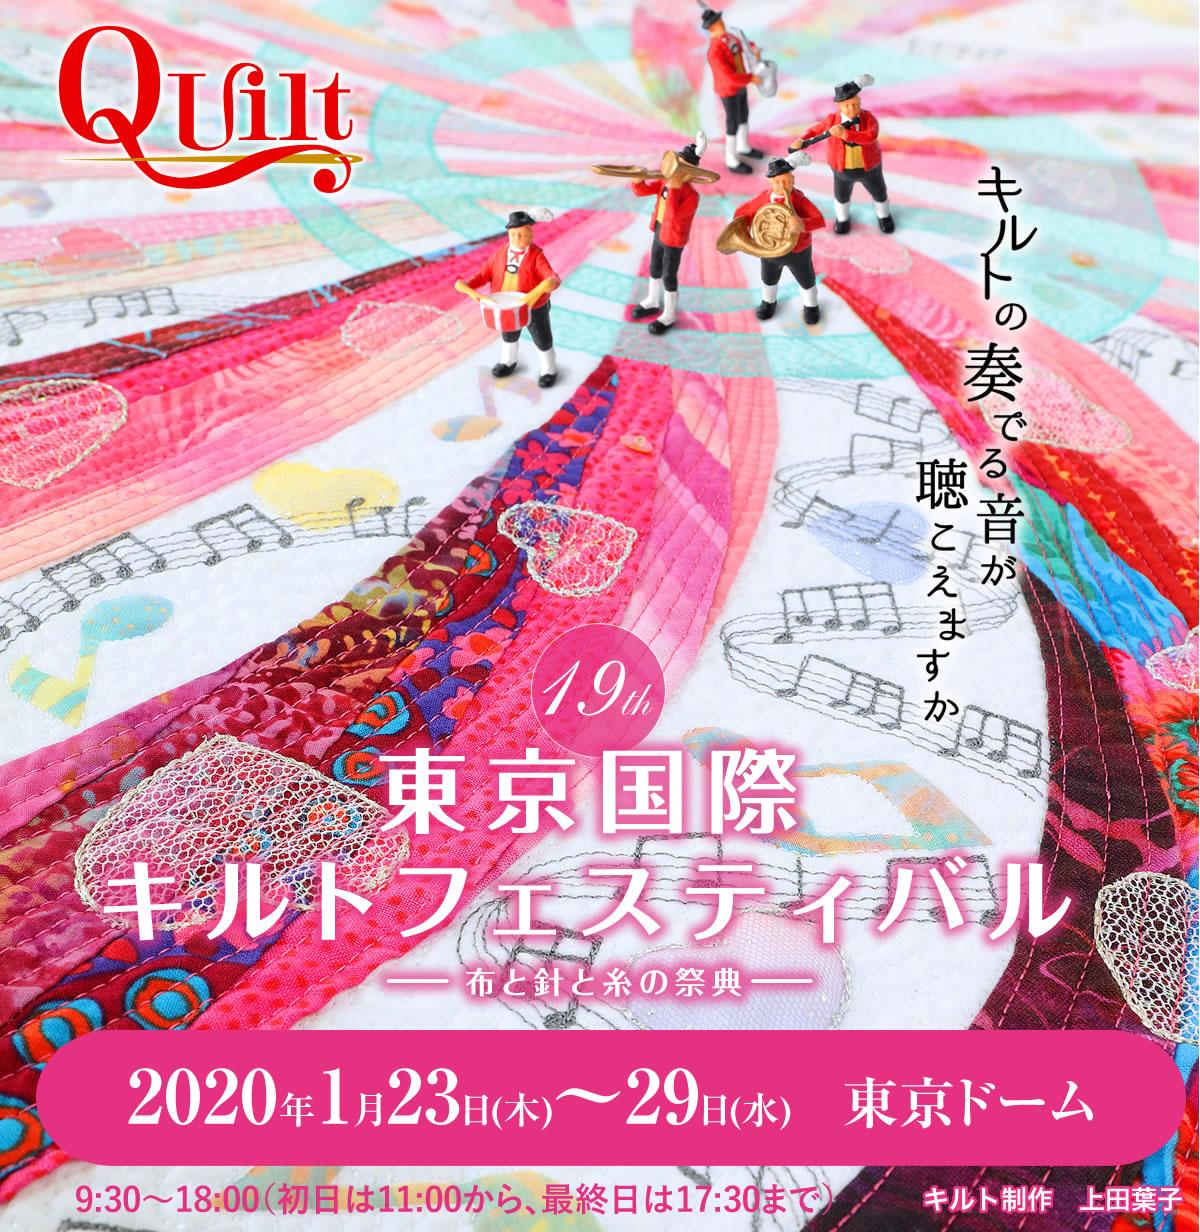 「東京国際キルトフェスティバル」の画像検索結果